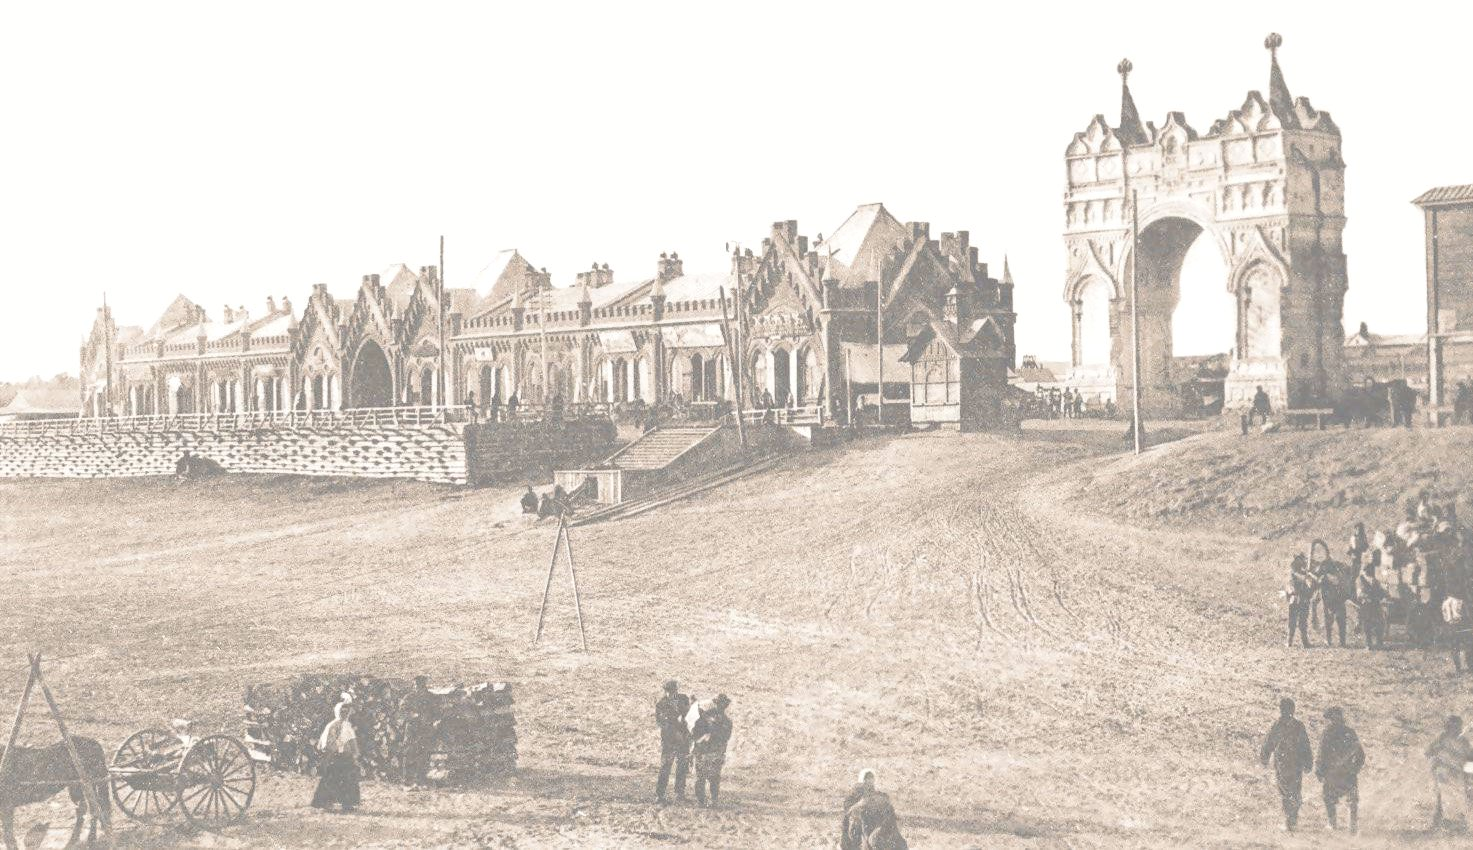 19. 1891. Благовещенск. Триумфальная арка, воздвигнутая в честь визита цесаревича. 4 июня